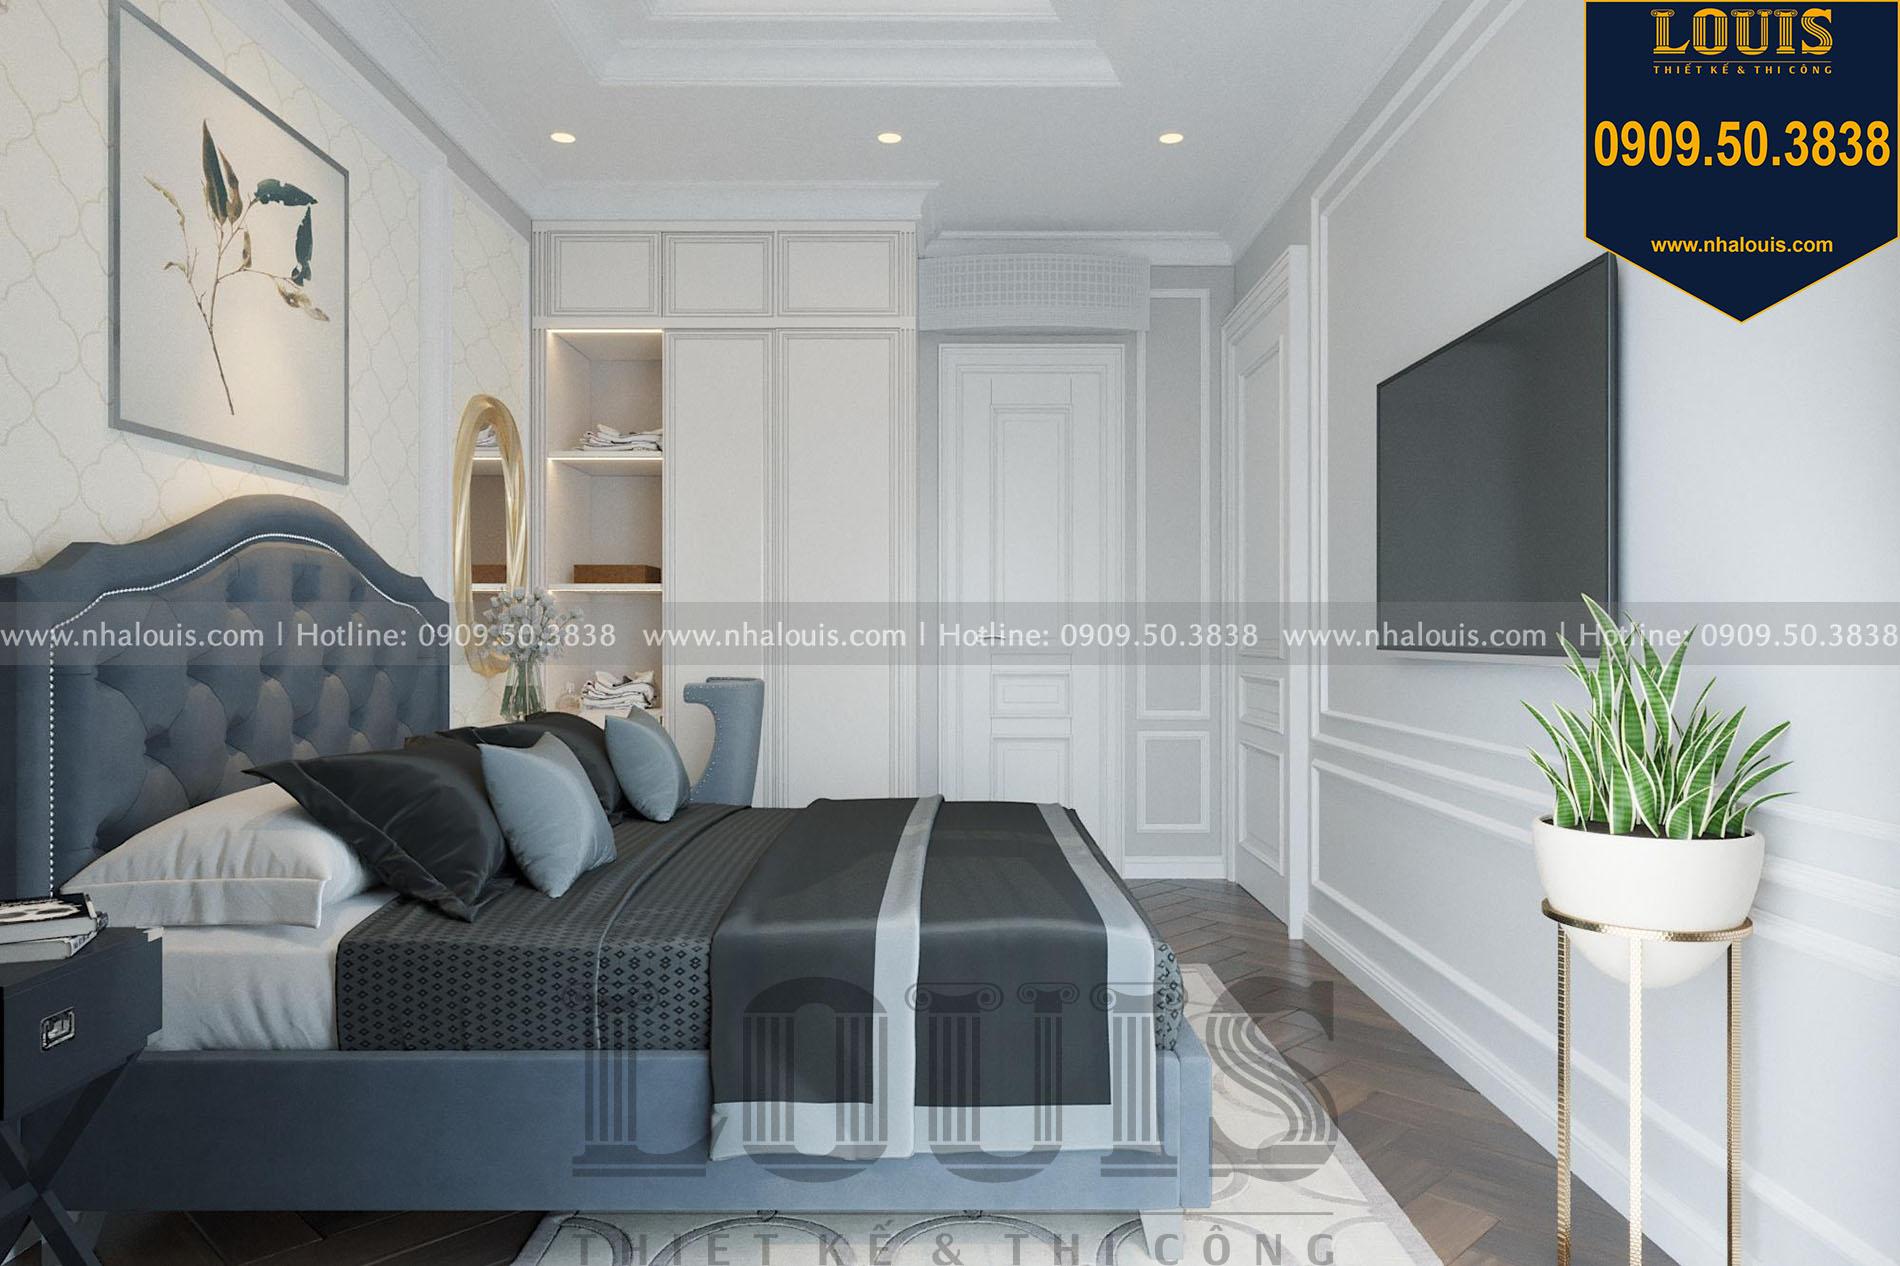 phòng ngủ 2 thiết kế nội thất biệt thự tân cổ điển tại quận 2